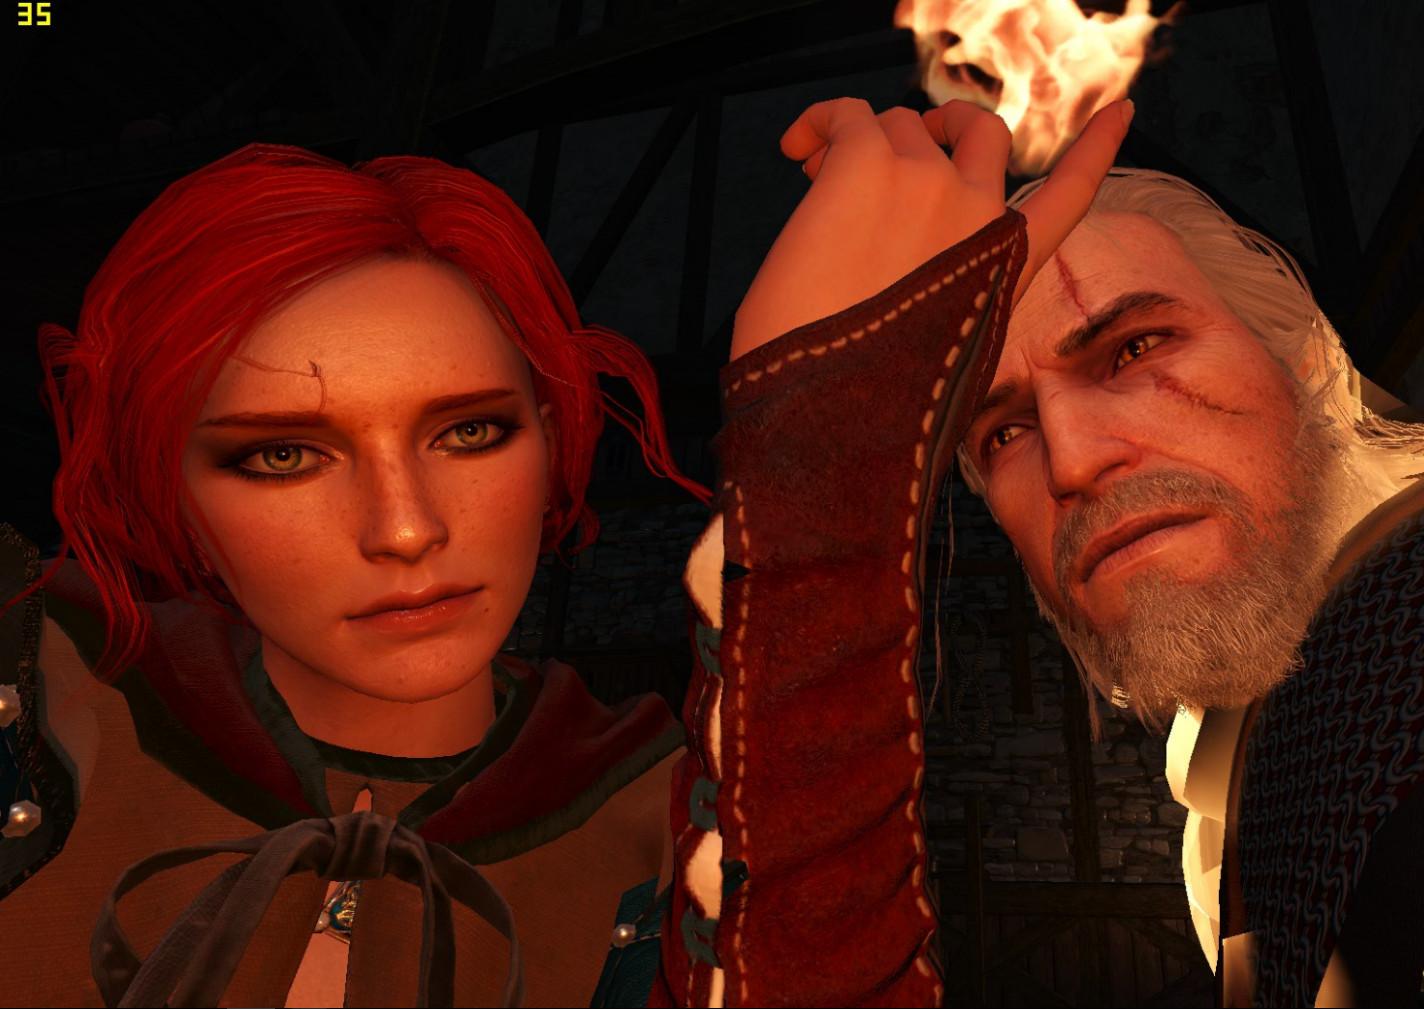 2018-04-16_200009.jpg - Witcher 3: Wild Hunt, the